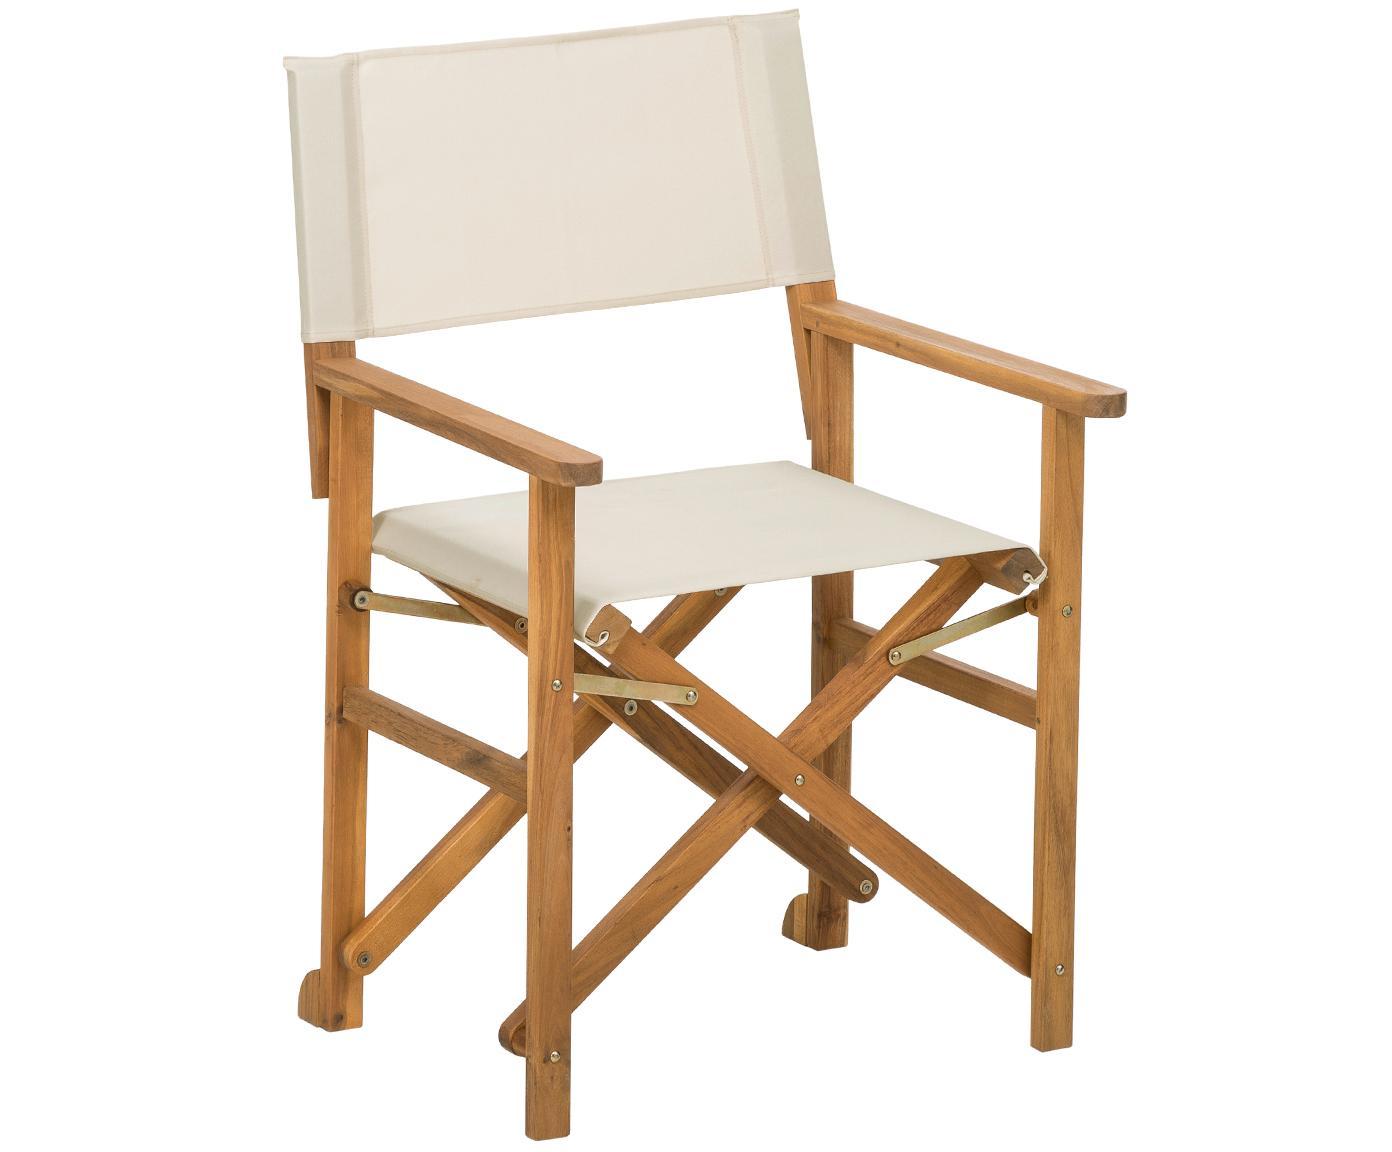 Silla plegable Zoe, Estructura: madera de acacia, aceitad, Blanco, An 52 x F 58 cm